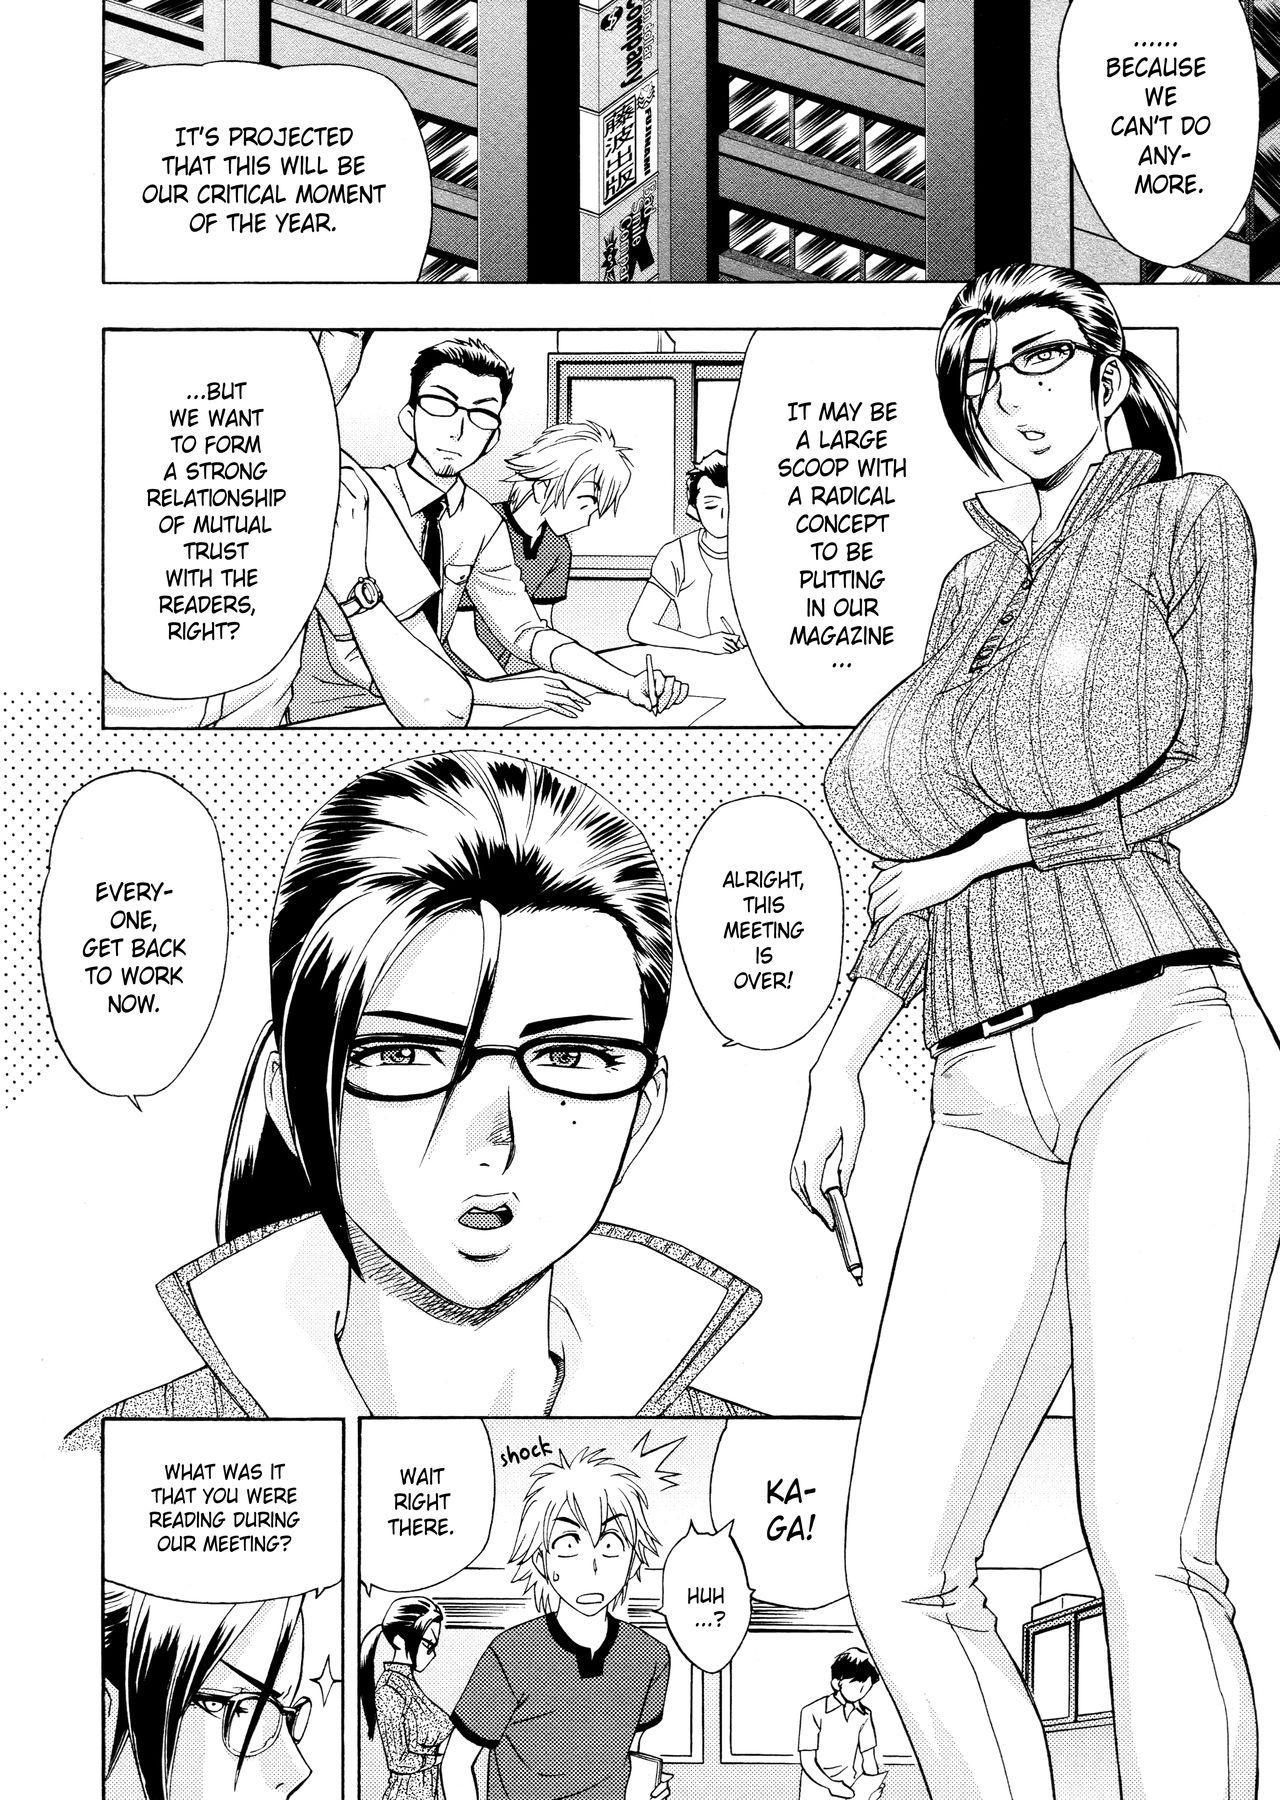 [Tatsunami Youtoku, Yamazaki Masato] Bijin Henshuu-chou no Himitsu | Beautiful Editor-in-Chief's Secret Ch. 1-5 [English] [Forbiddenfetish77, Red Vodka, Crystalium] [Decensored] 5